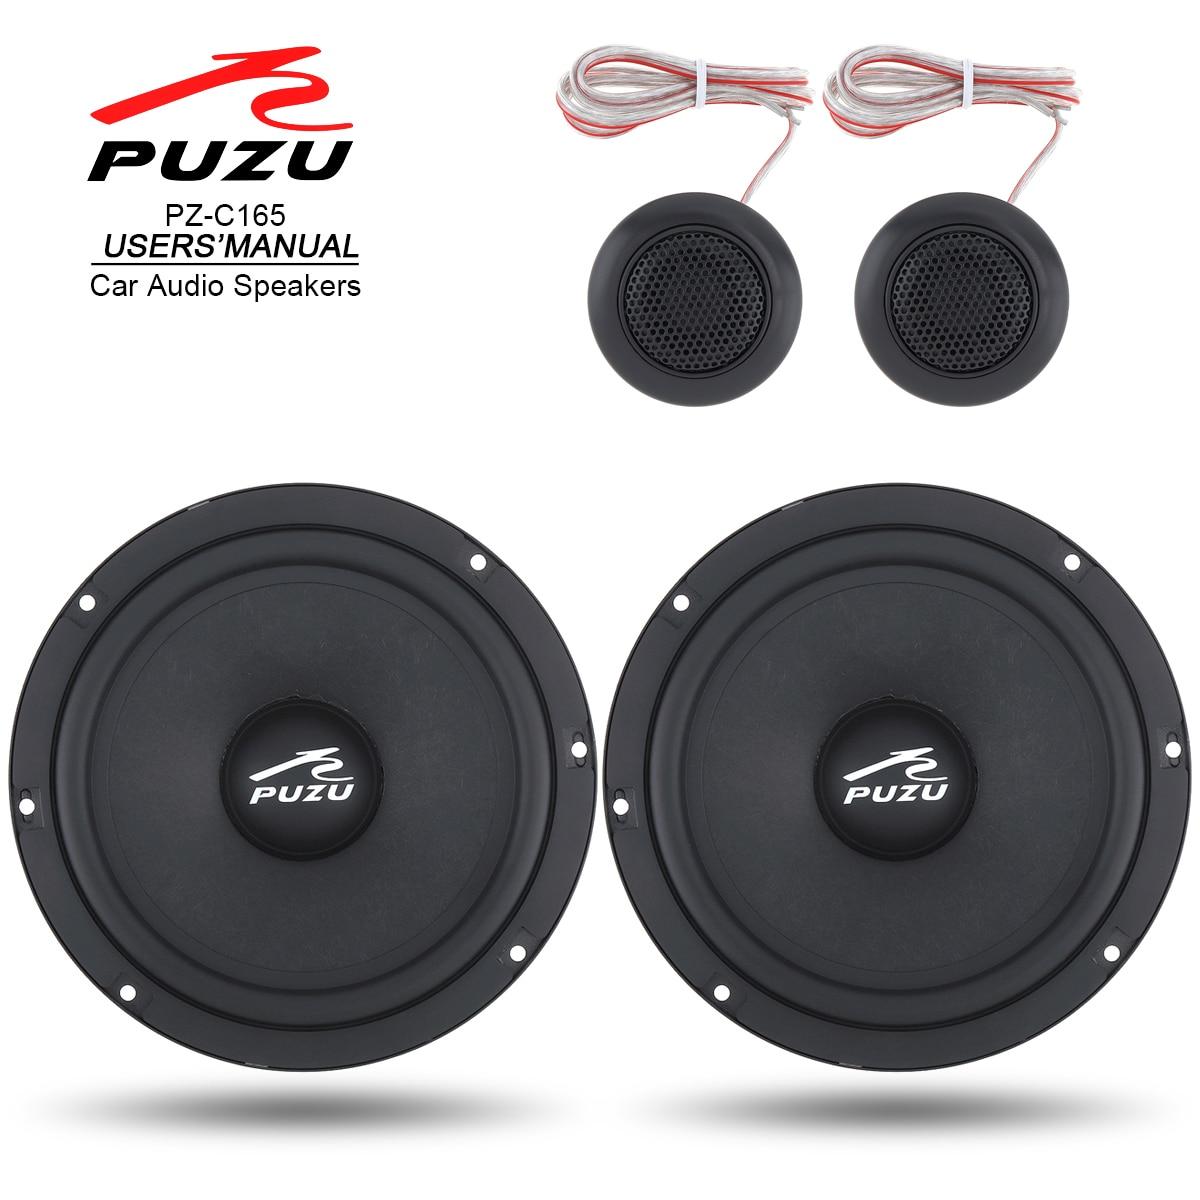 2 pièces 6.5 pouces 180W voiture haut-parleur Coaxial gamme complète fréquence haut-parleur stéréo haut-parleur avec Tweeter diviseur de fréquence pour les voitures